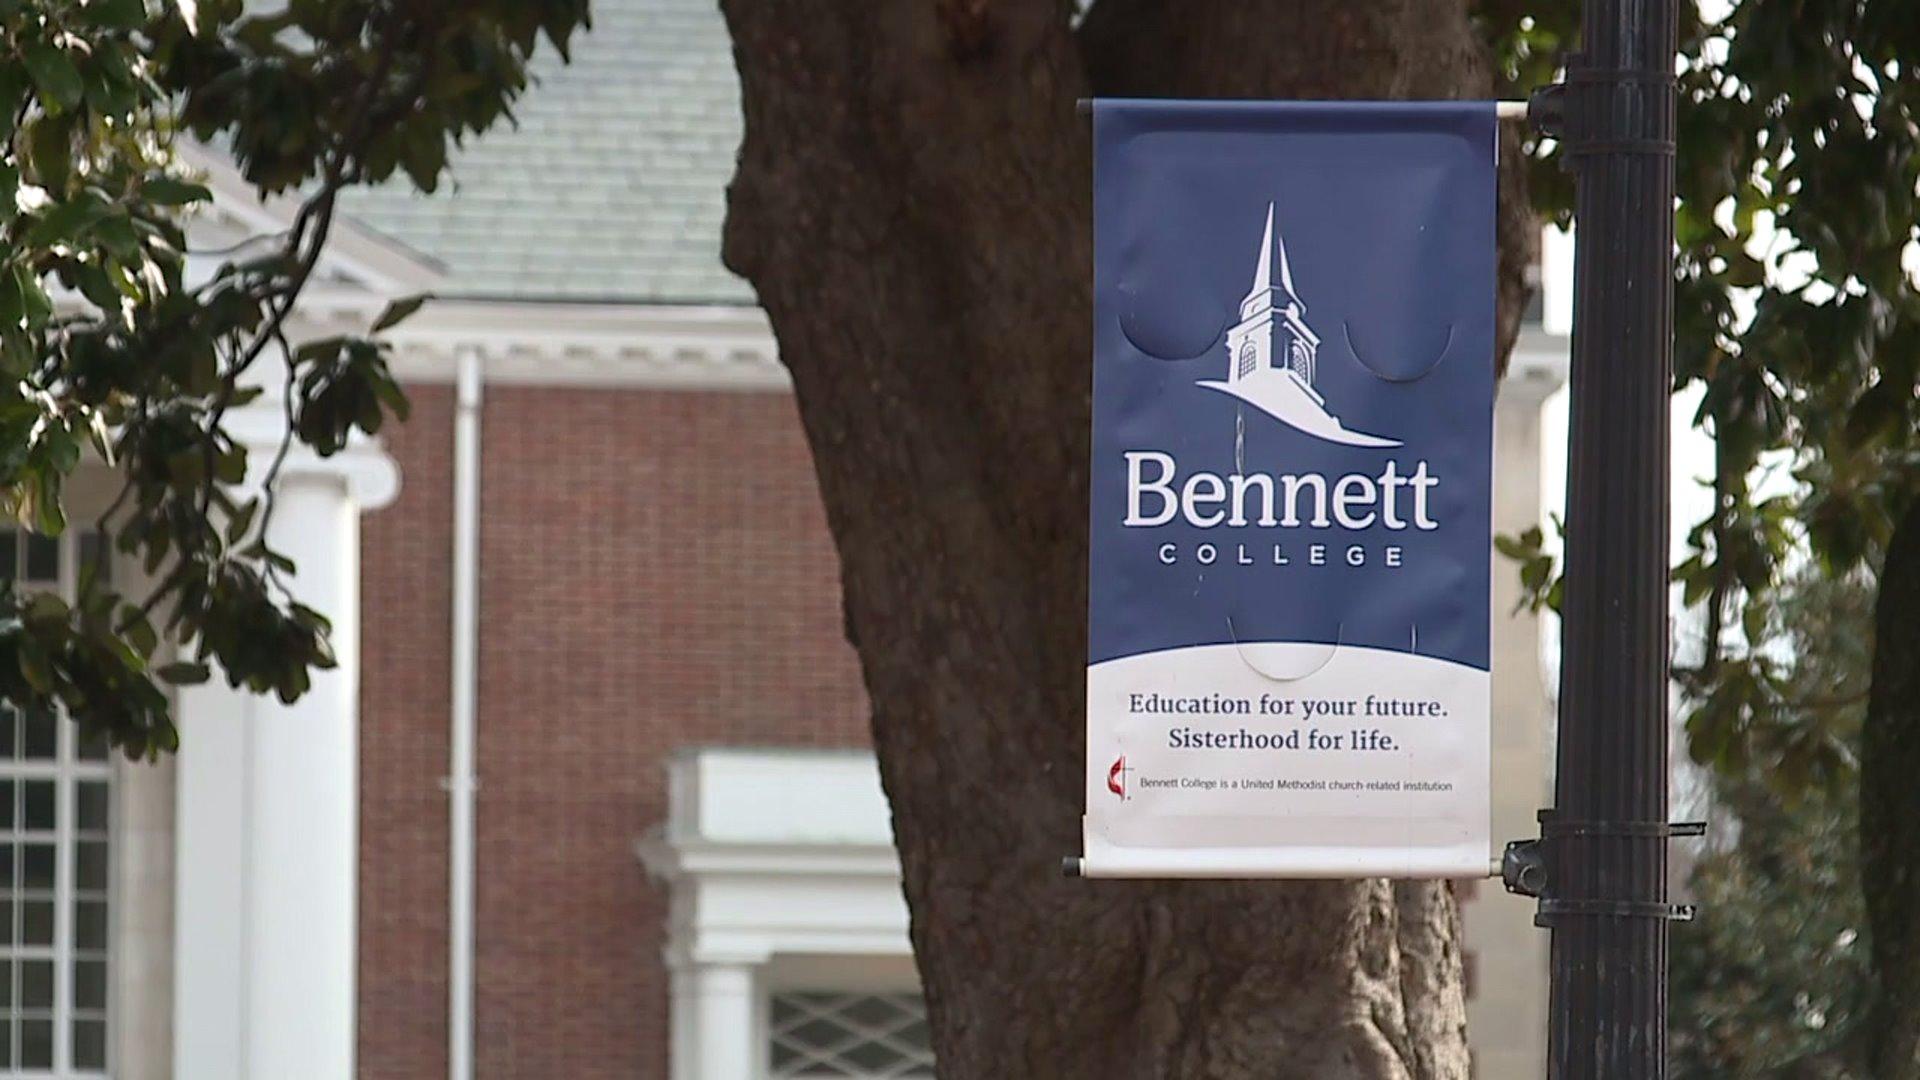 Bennett College (WGHP)